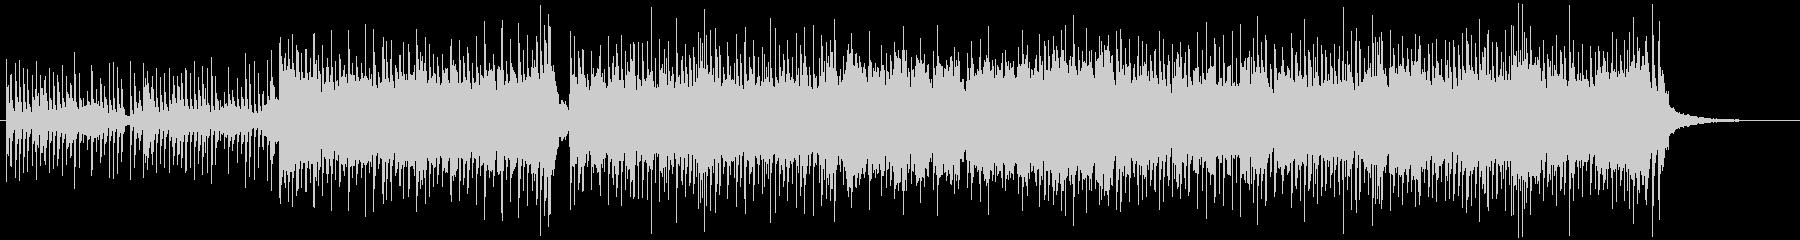 和風、三味線メタル2、激しい(声なし)cの未再生の波形